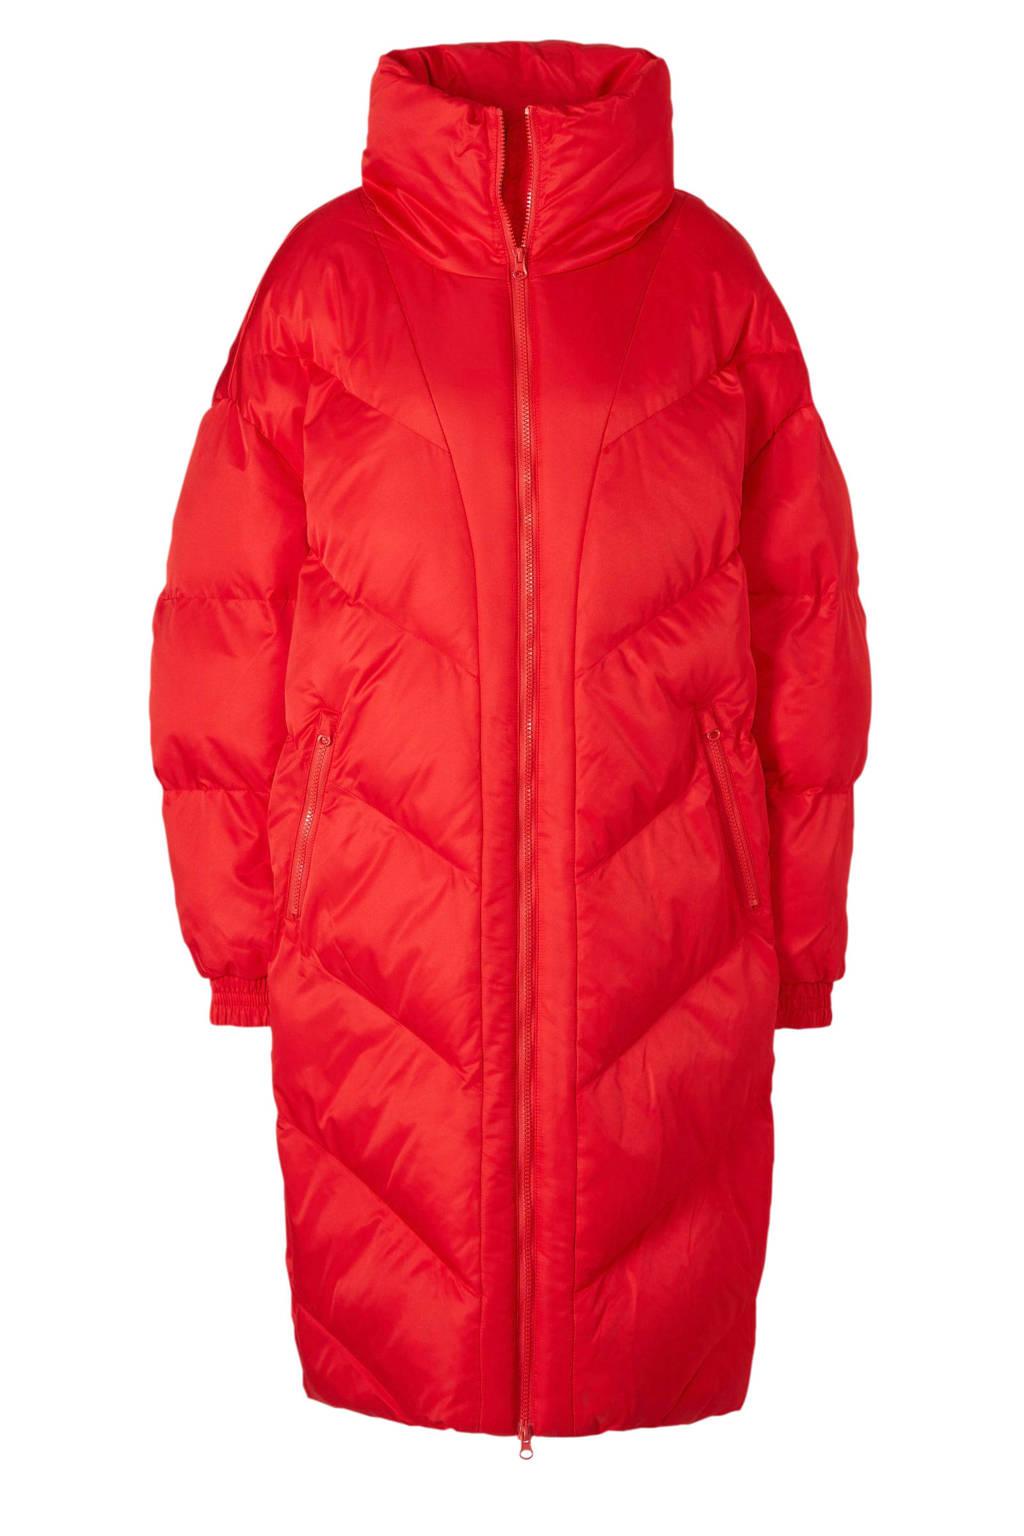 C&A gewatteerde jas rood, Rood